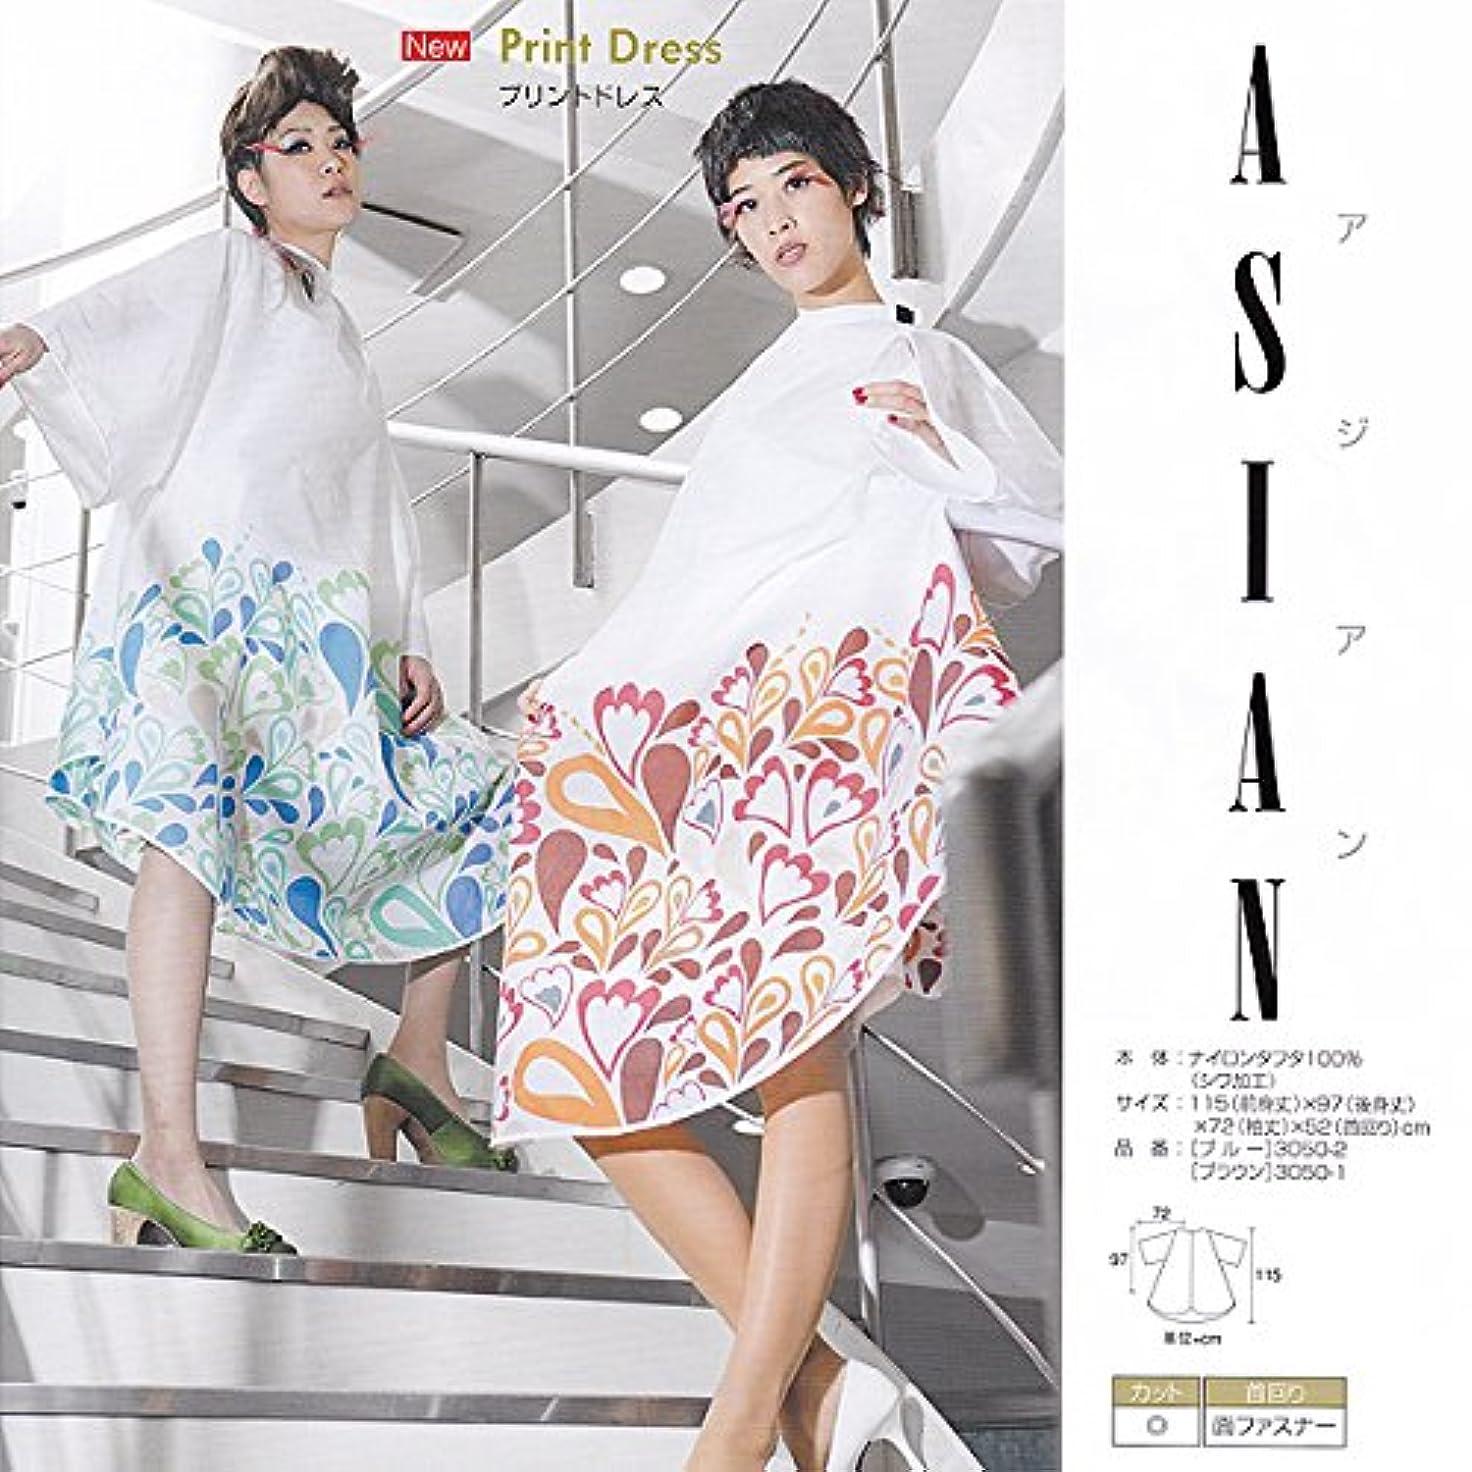 チャンス論理的に戦略WAKO ASIAN アジアンプリントドレス №3050 3050-2(アジアンブルー) 115(前身丈)×97(後身丈)×72(袖丈)×52(首回リ)